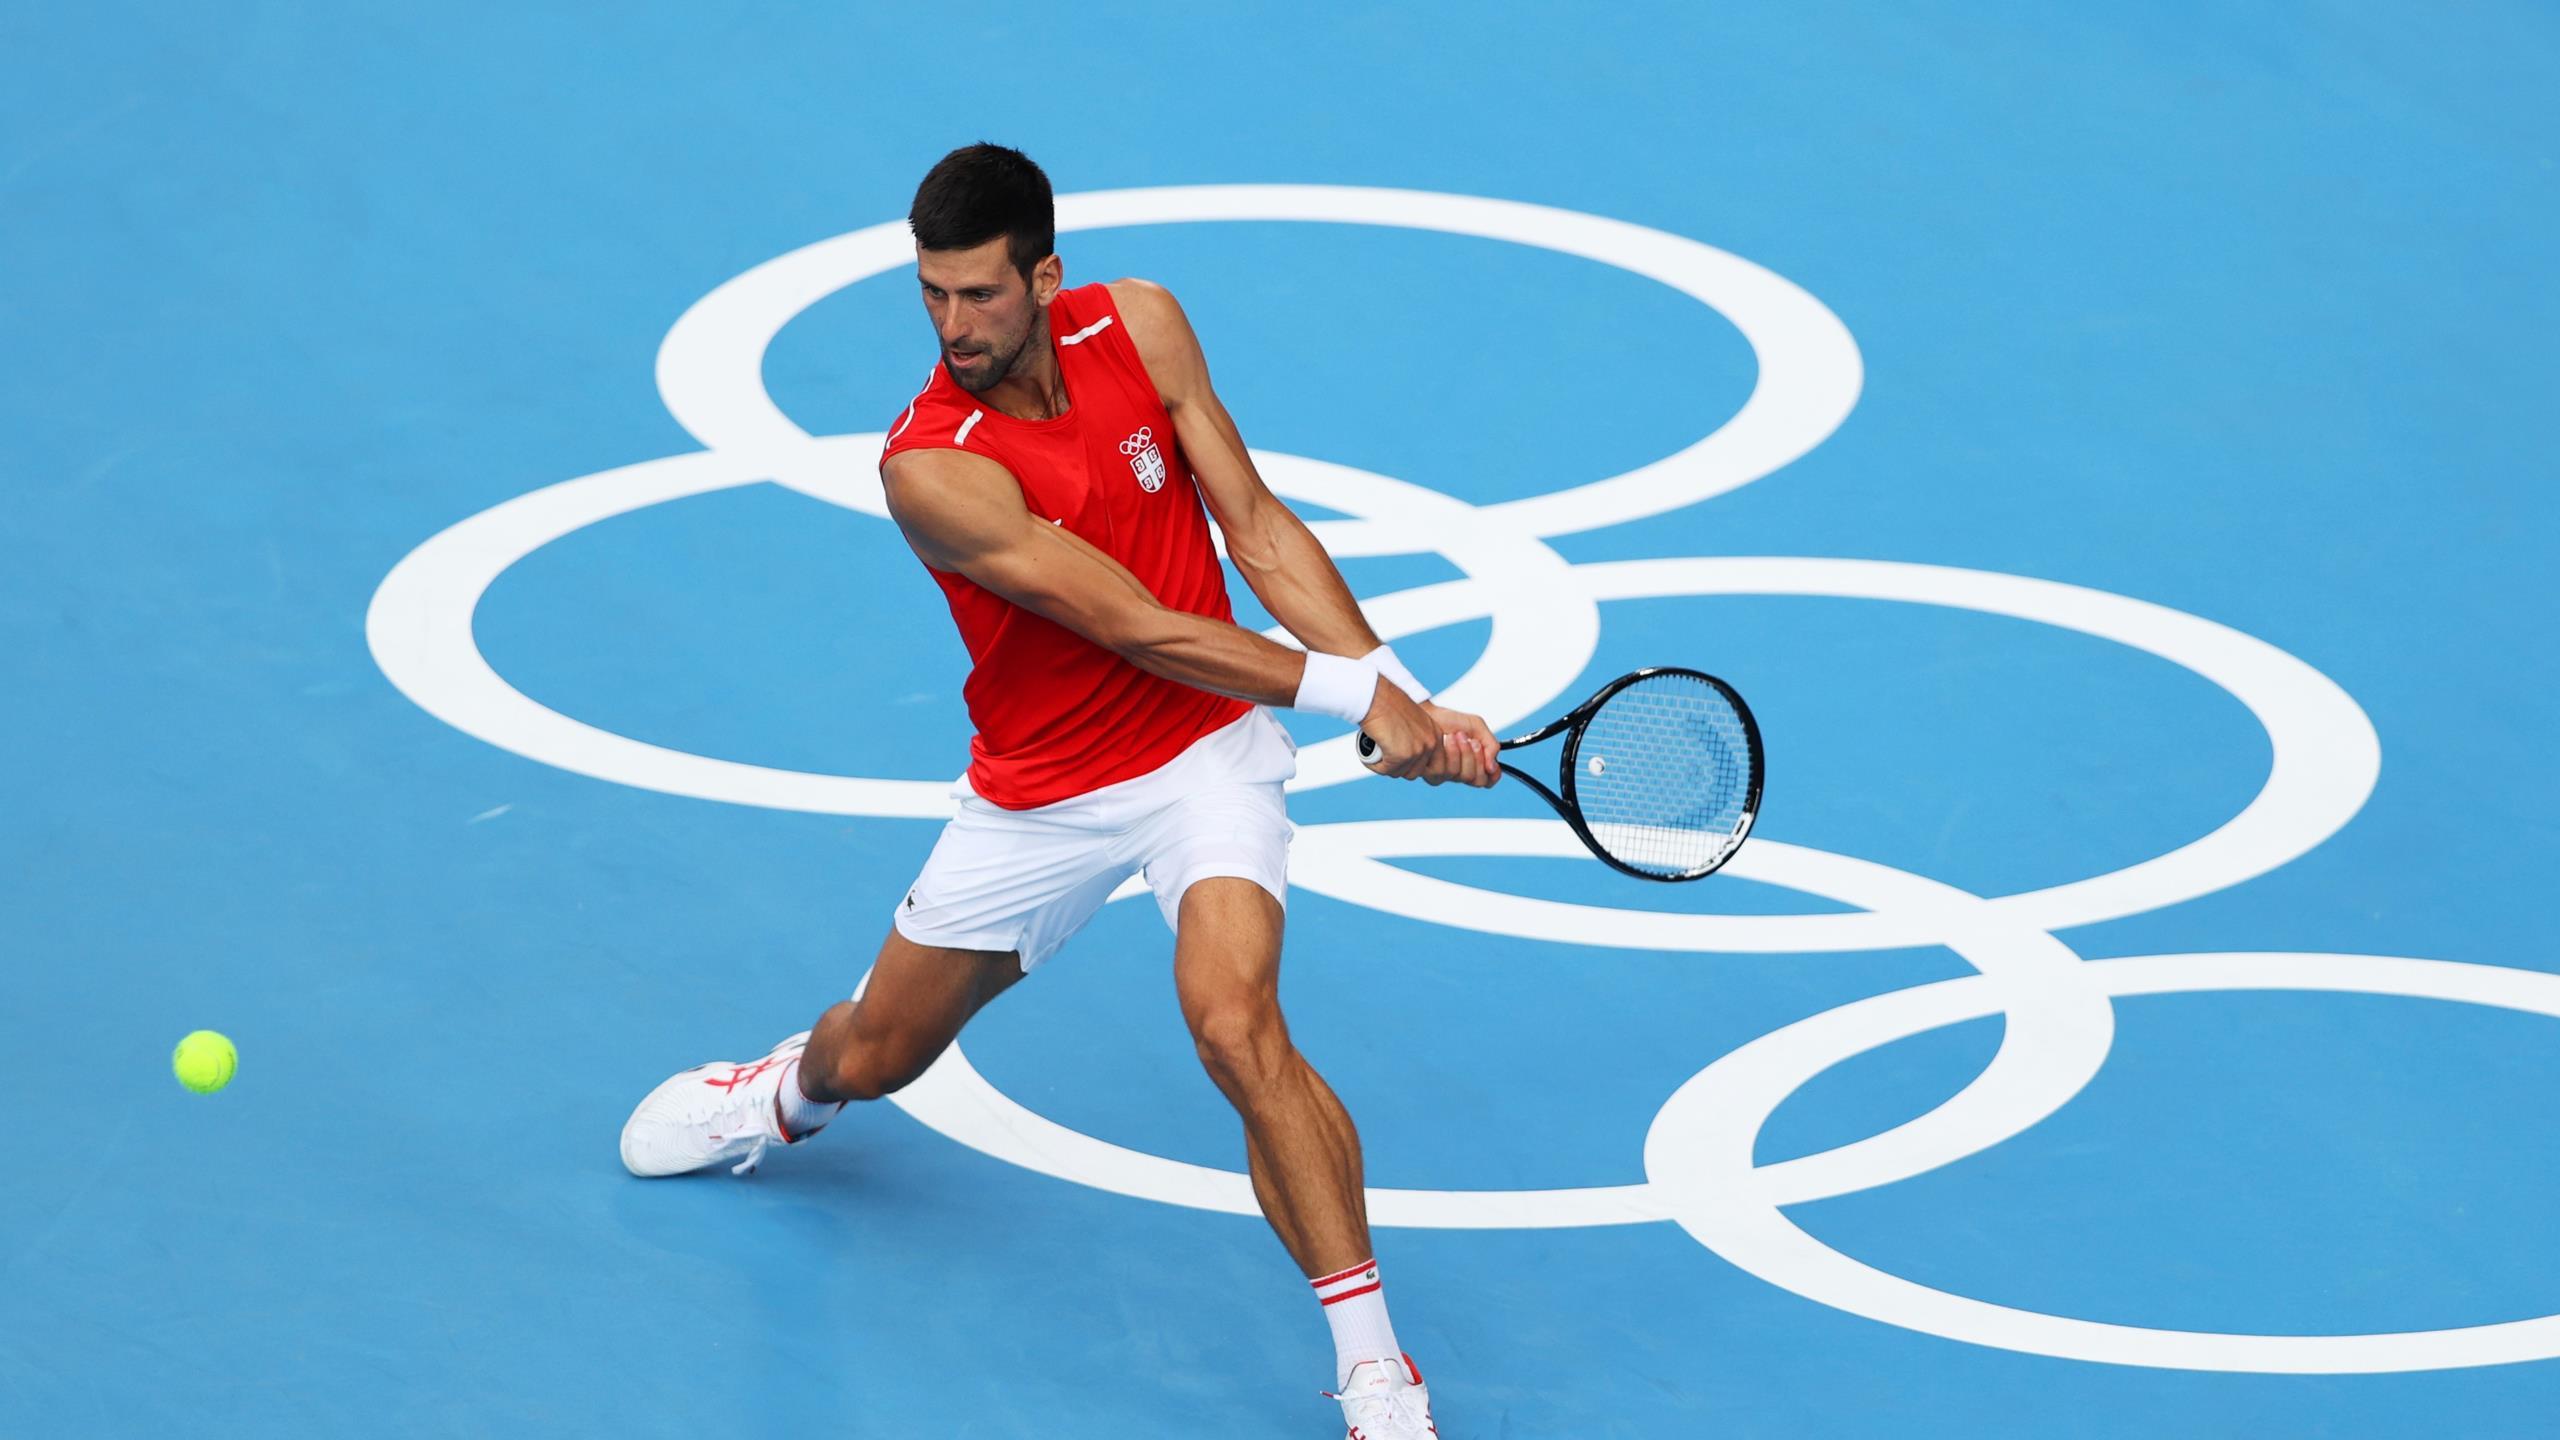 """Jamais sacré aux JO, Djokovic reste prudent avant Tokyo : """"La route est encore longue"""""""